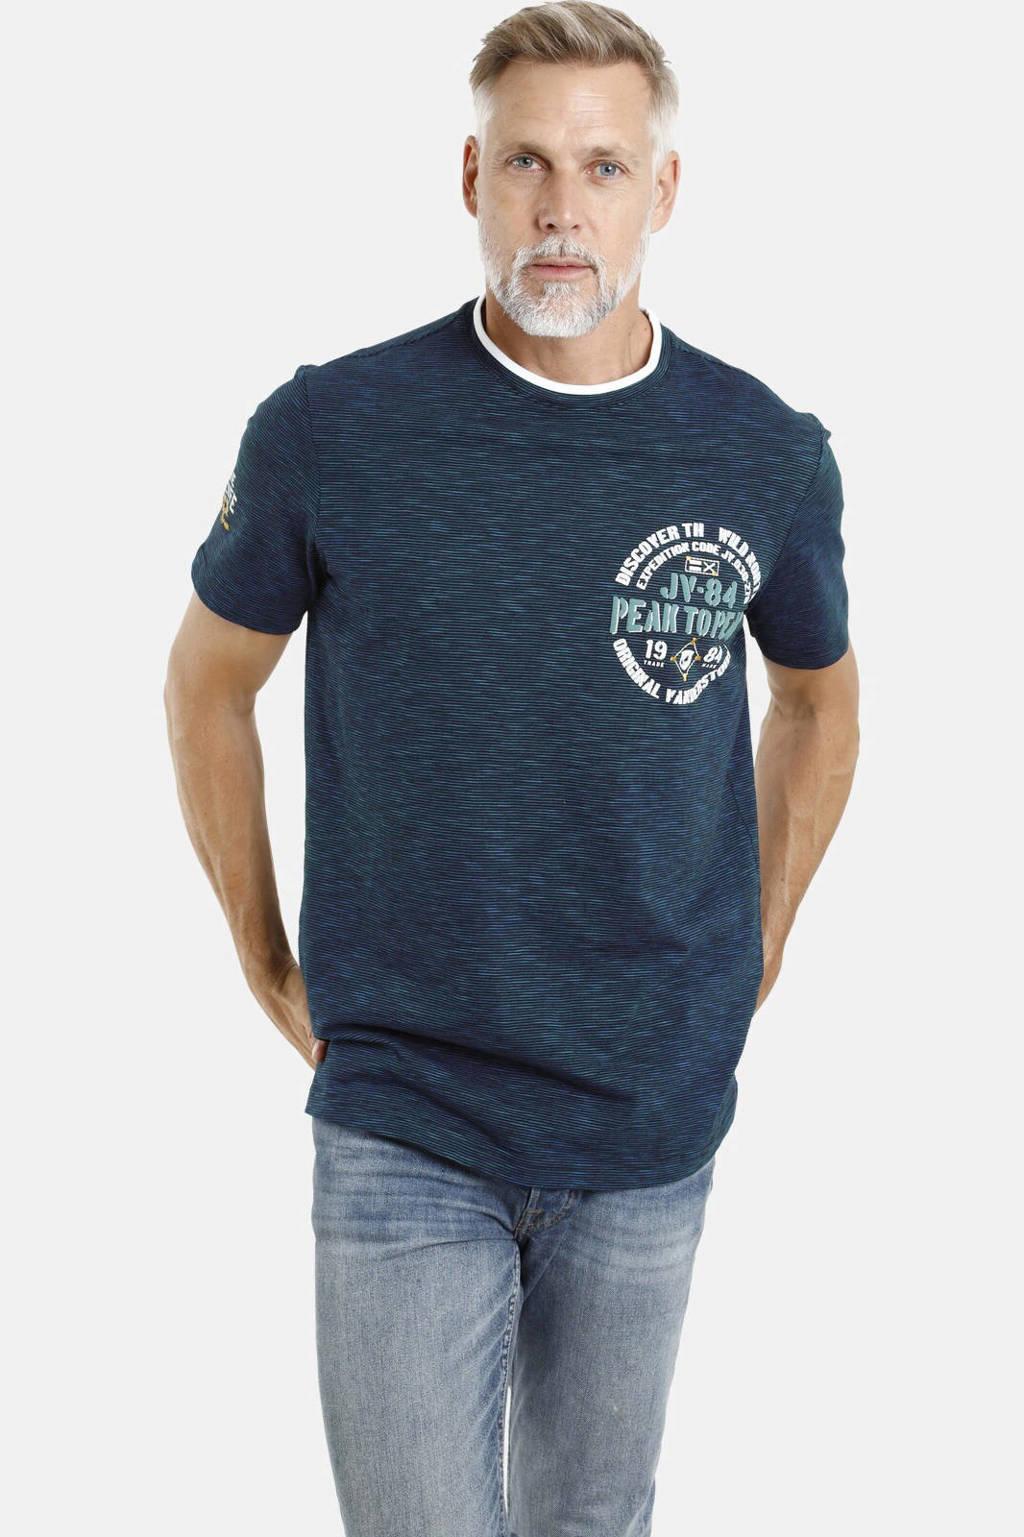 Jan Vanderstorm T-shirt Plus Size met printopdruk Plus Size zwart, Zwart